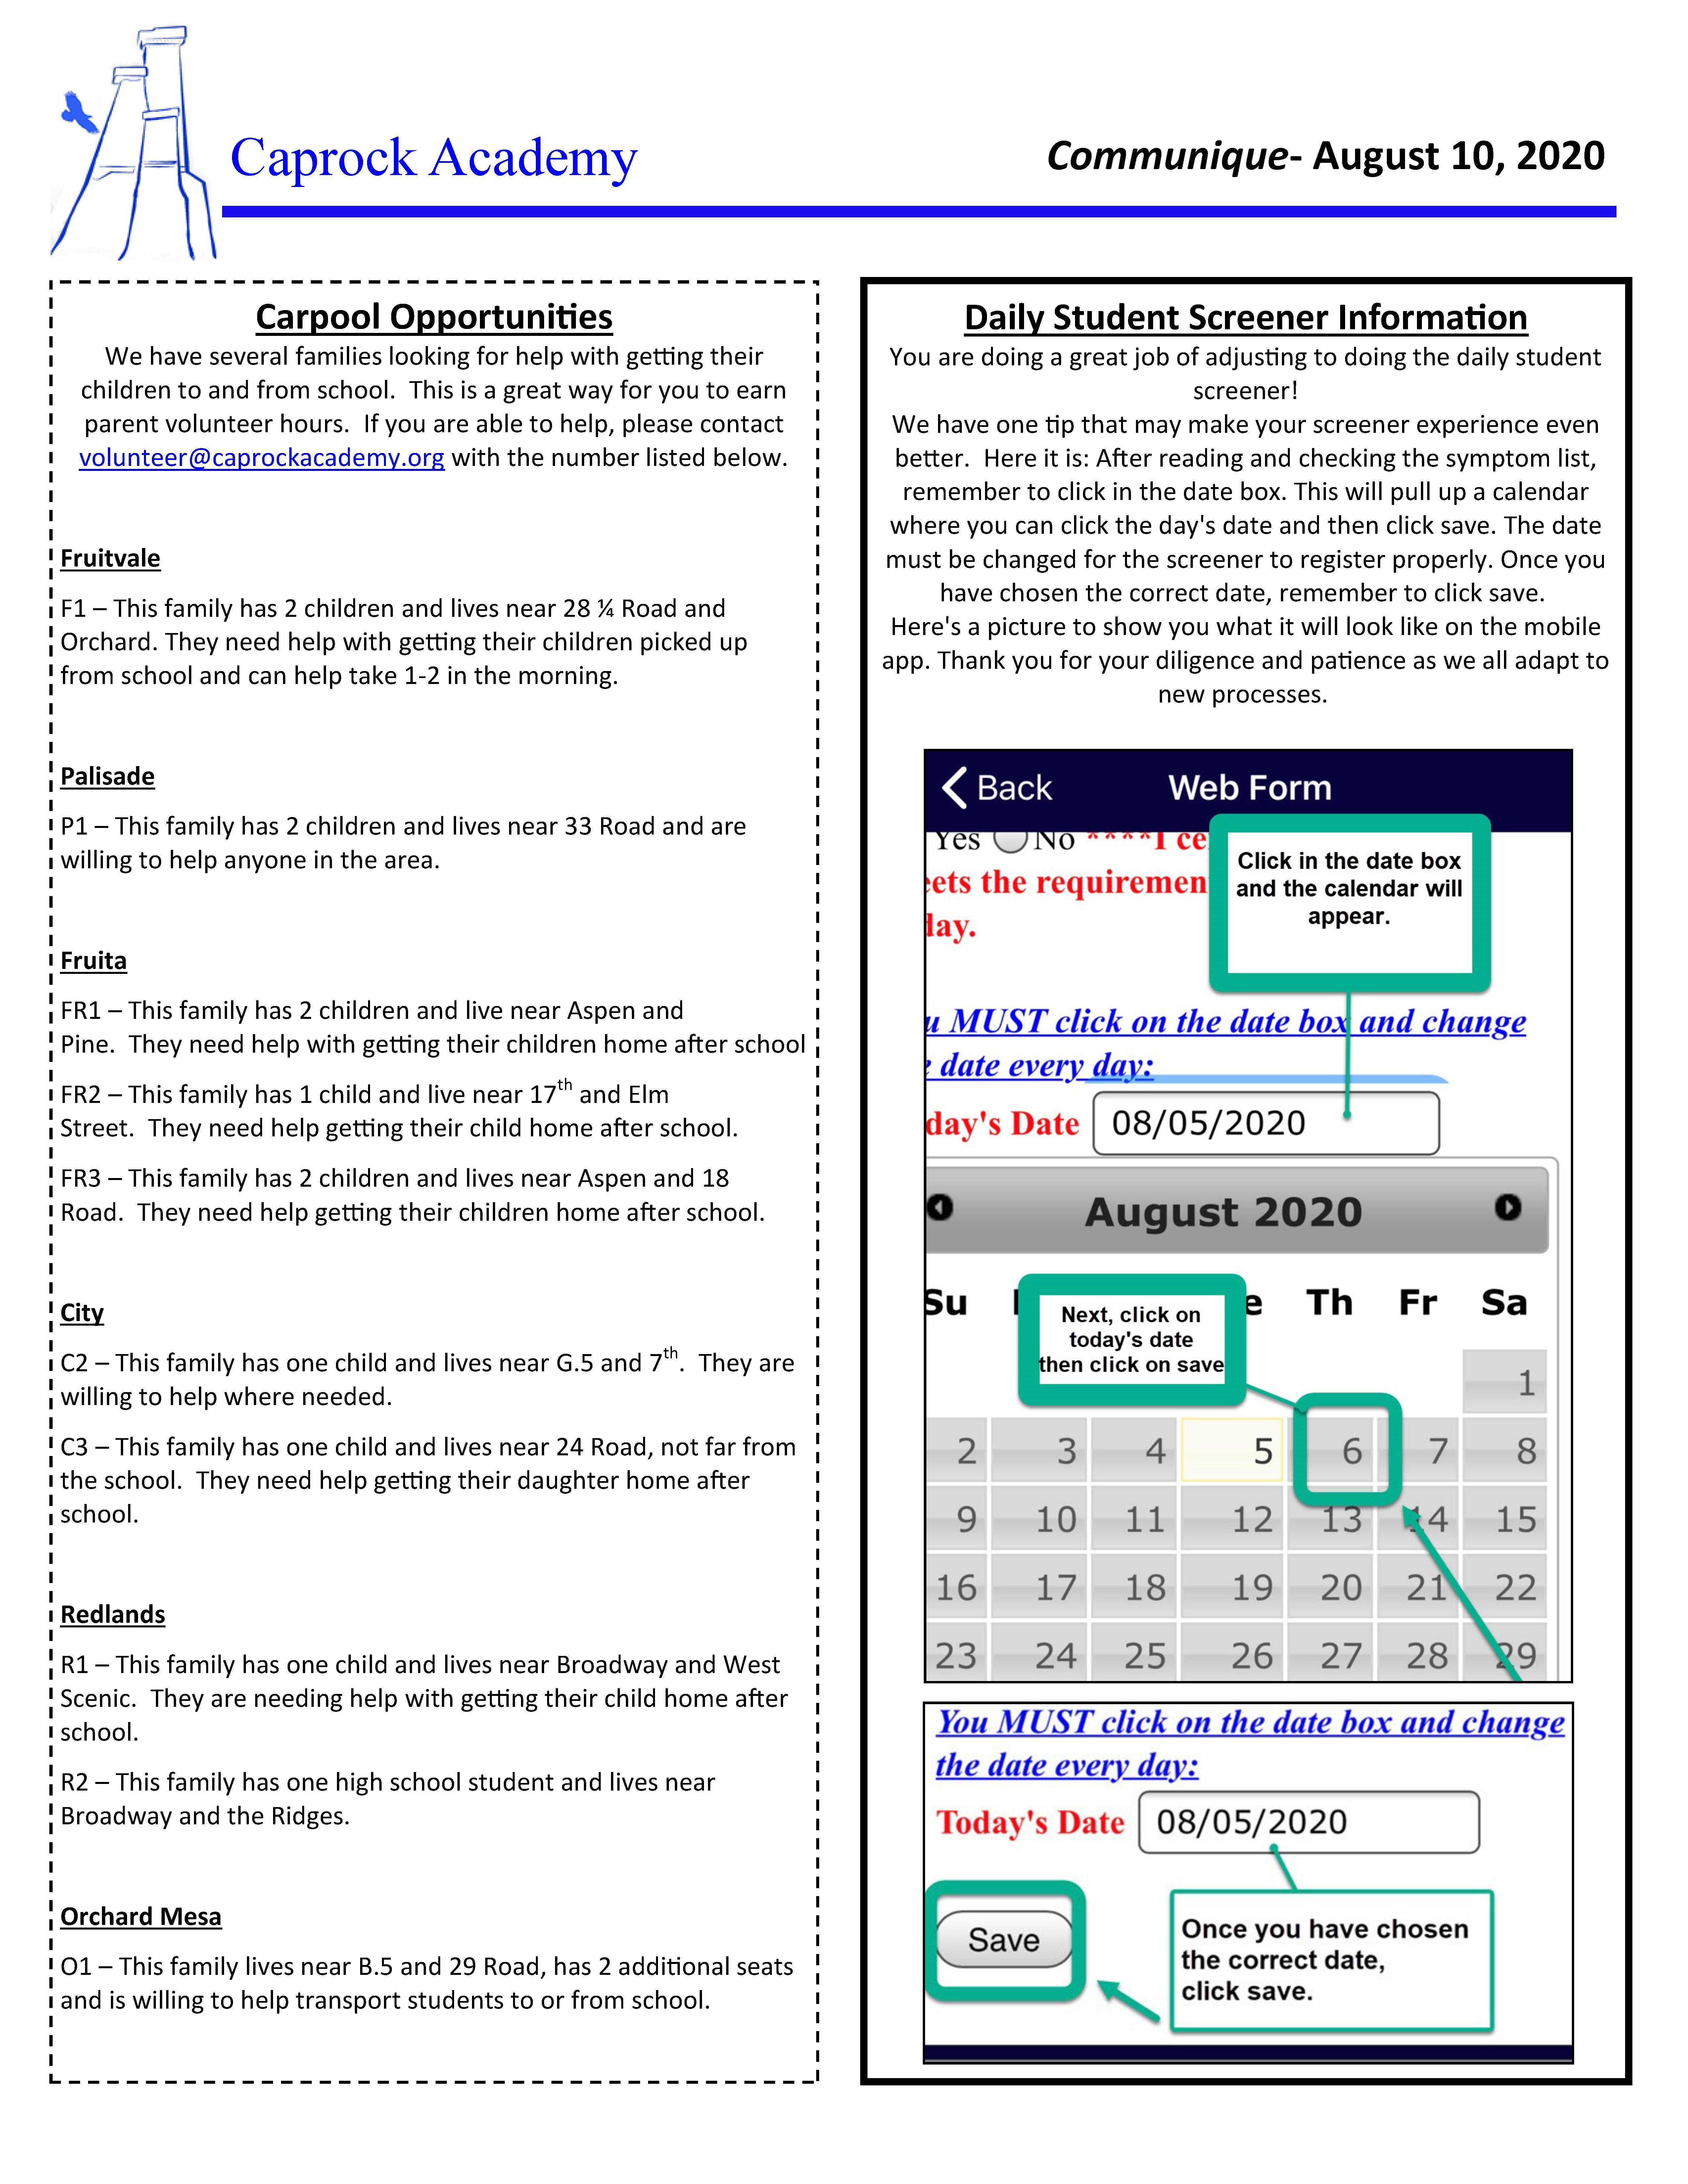 communique 8-10-20 page 2 of 2